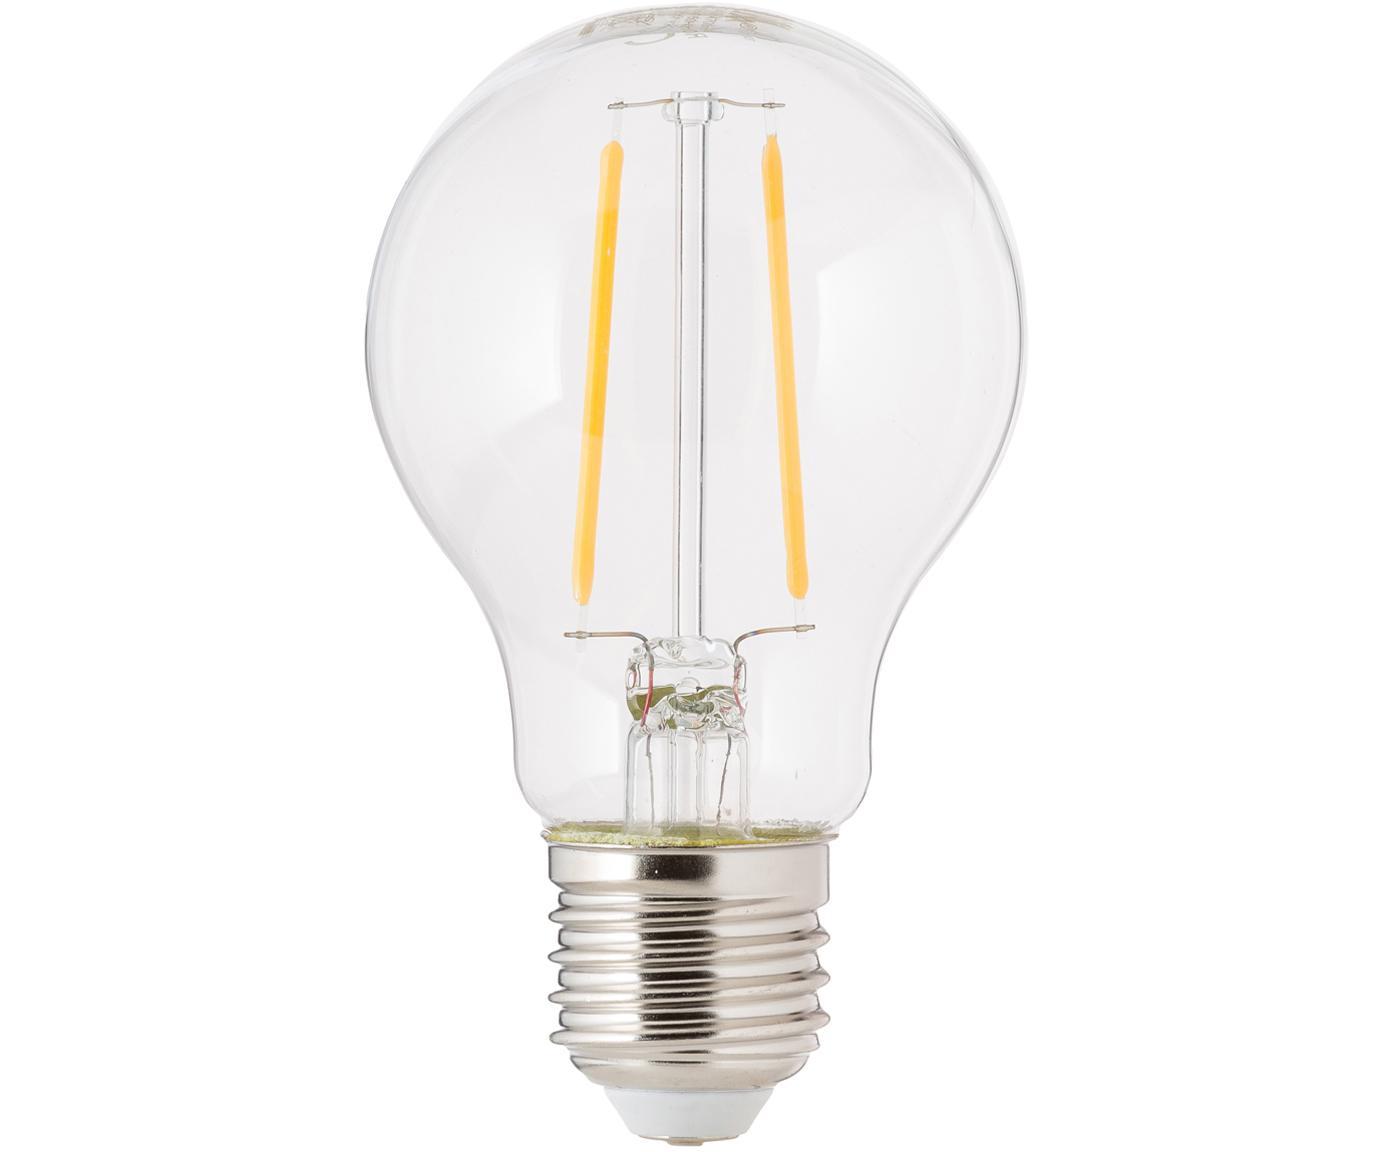 LED lamp Humiel (E27/4W), 6 stuks, Peertje: glas, Fitting: aluminium, Transparant, Ø 8 x H 10 cm